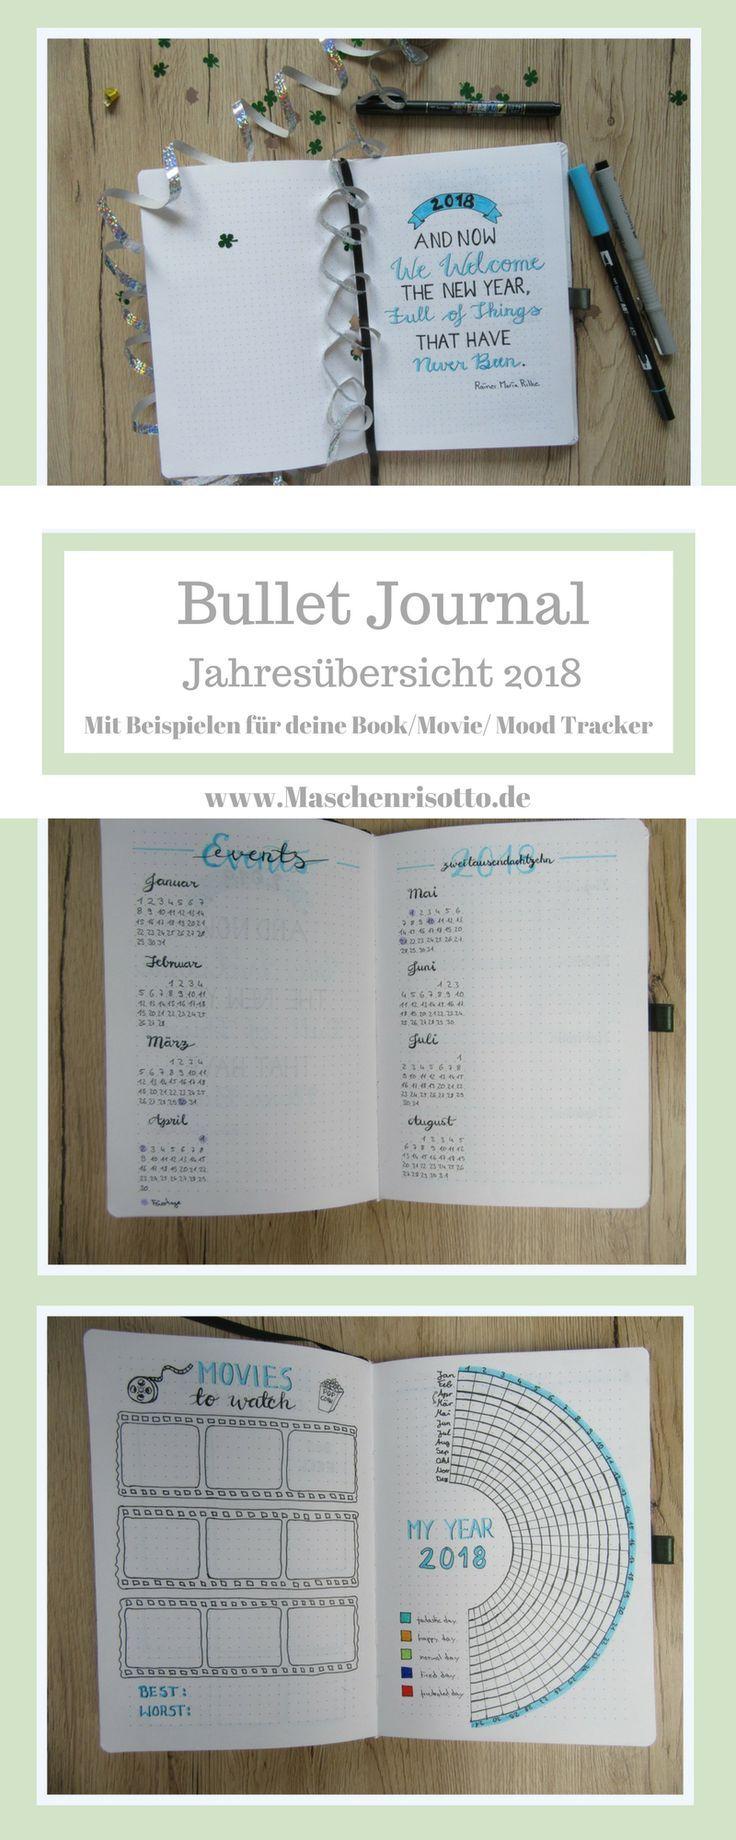 Bullet Journal Ideas Ideen Für Deine Jahresübersicht Im Bullet